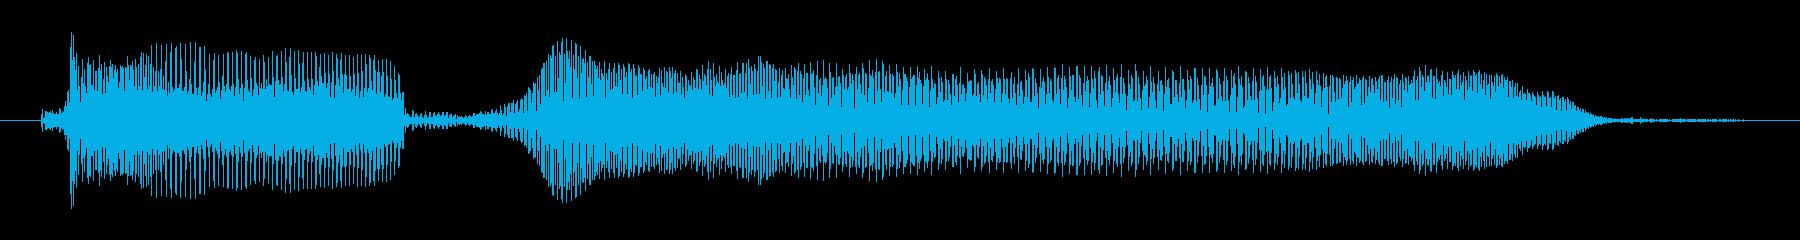 リトルレッドモンスター:Wの再生済みの波形